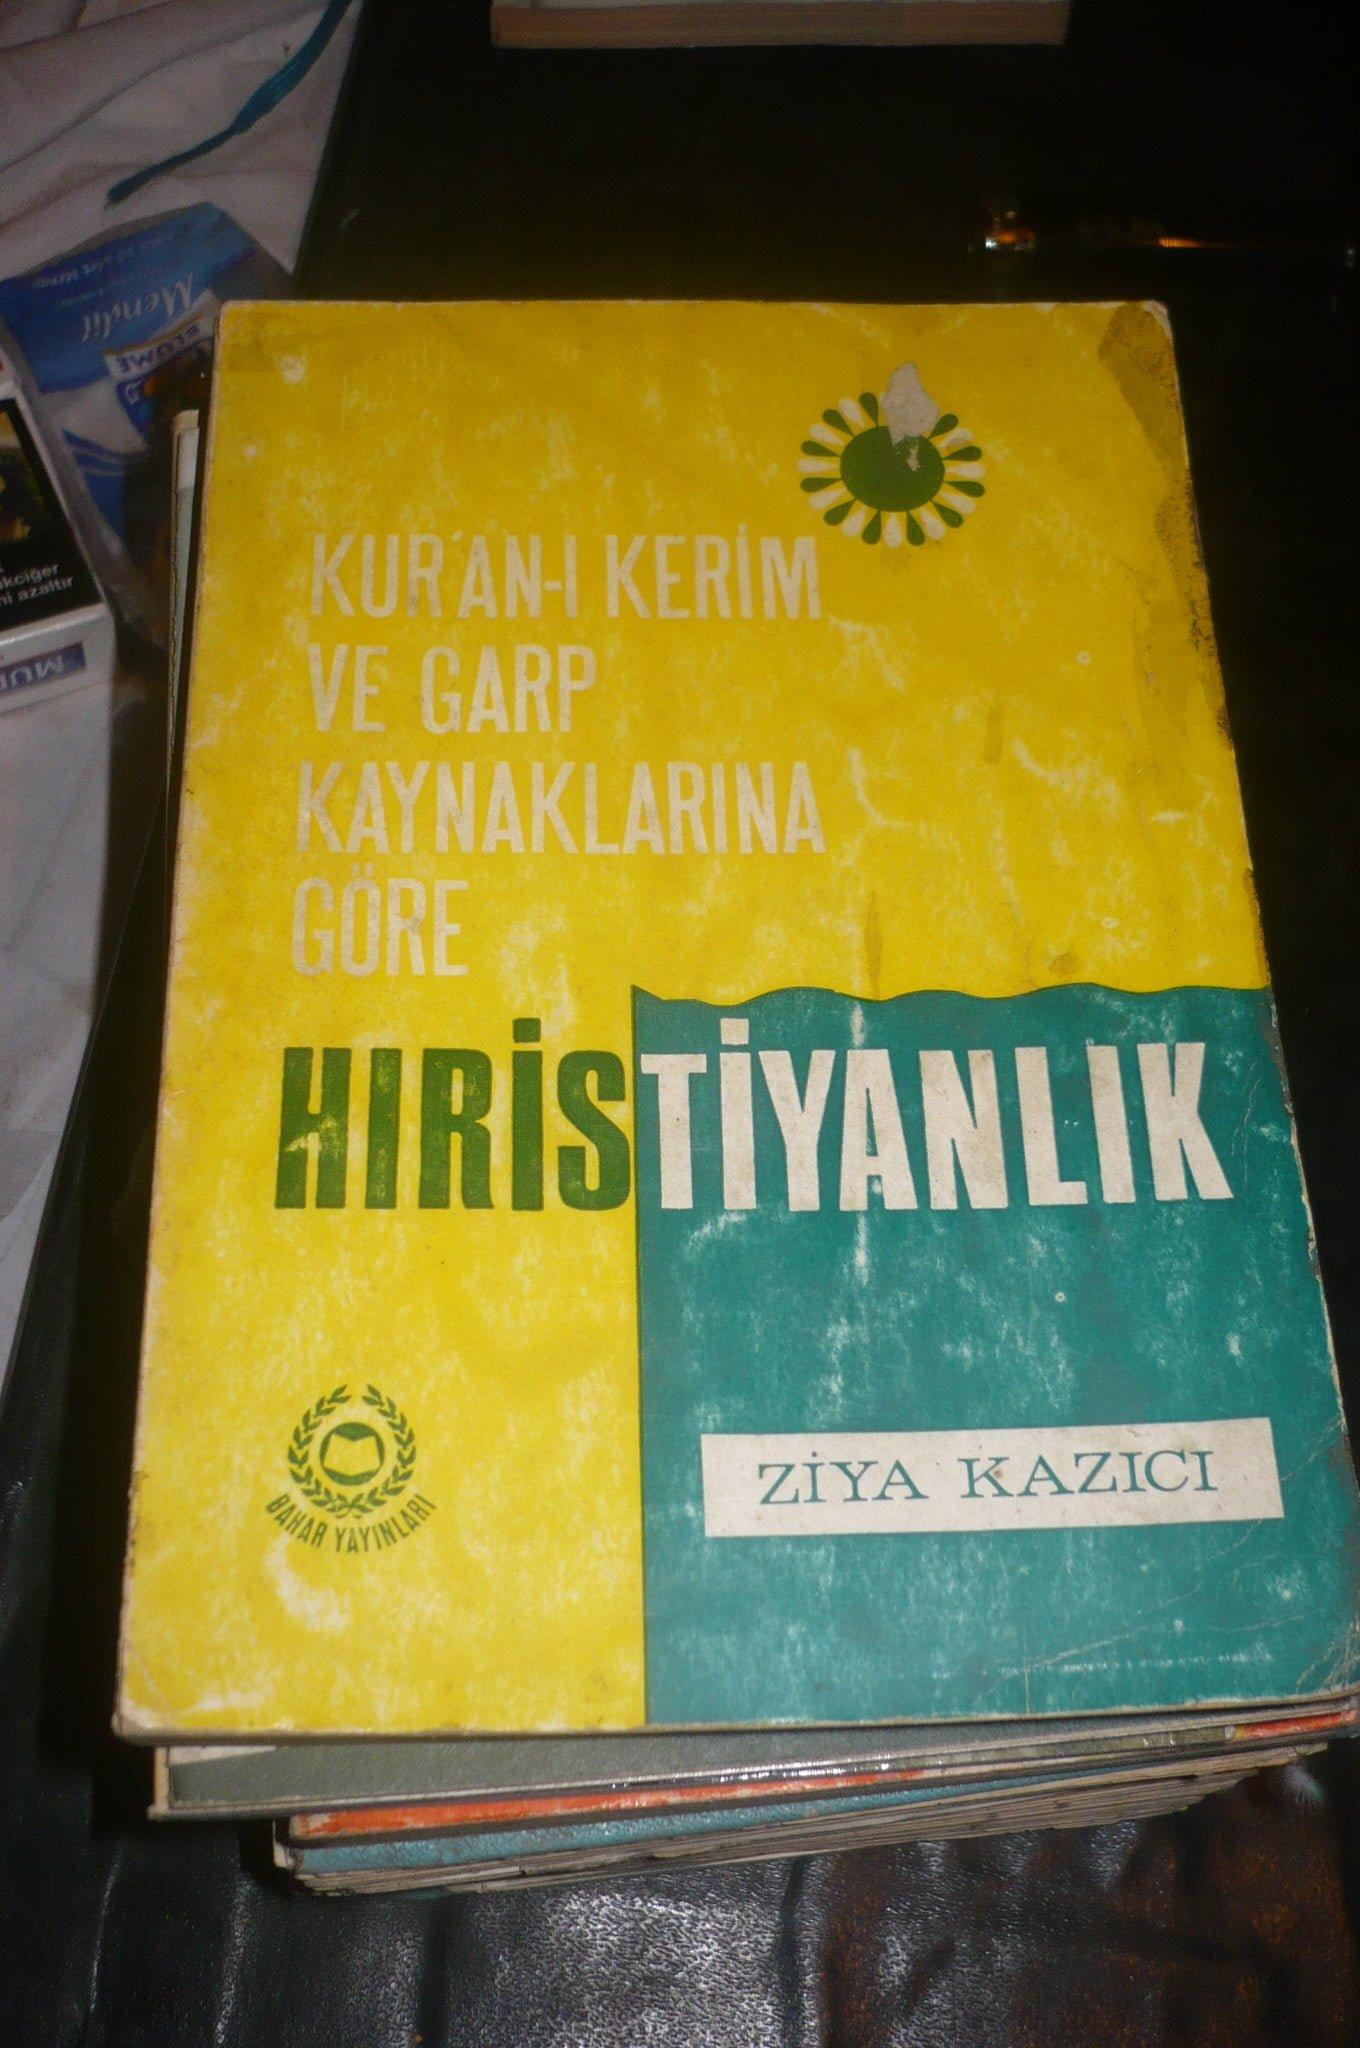 Kur'an-ı kerim ve Garp kaynaklarına göre HRİSTİYANLIK/ Ziya Kazıcı/ 10 tl